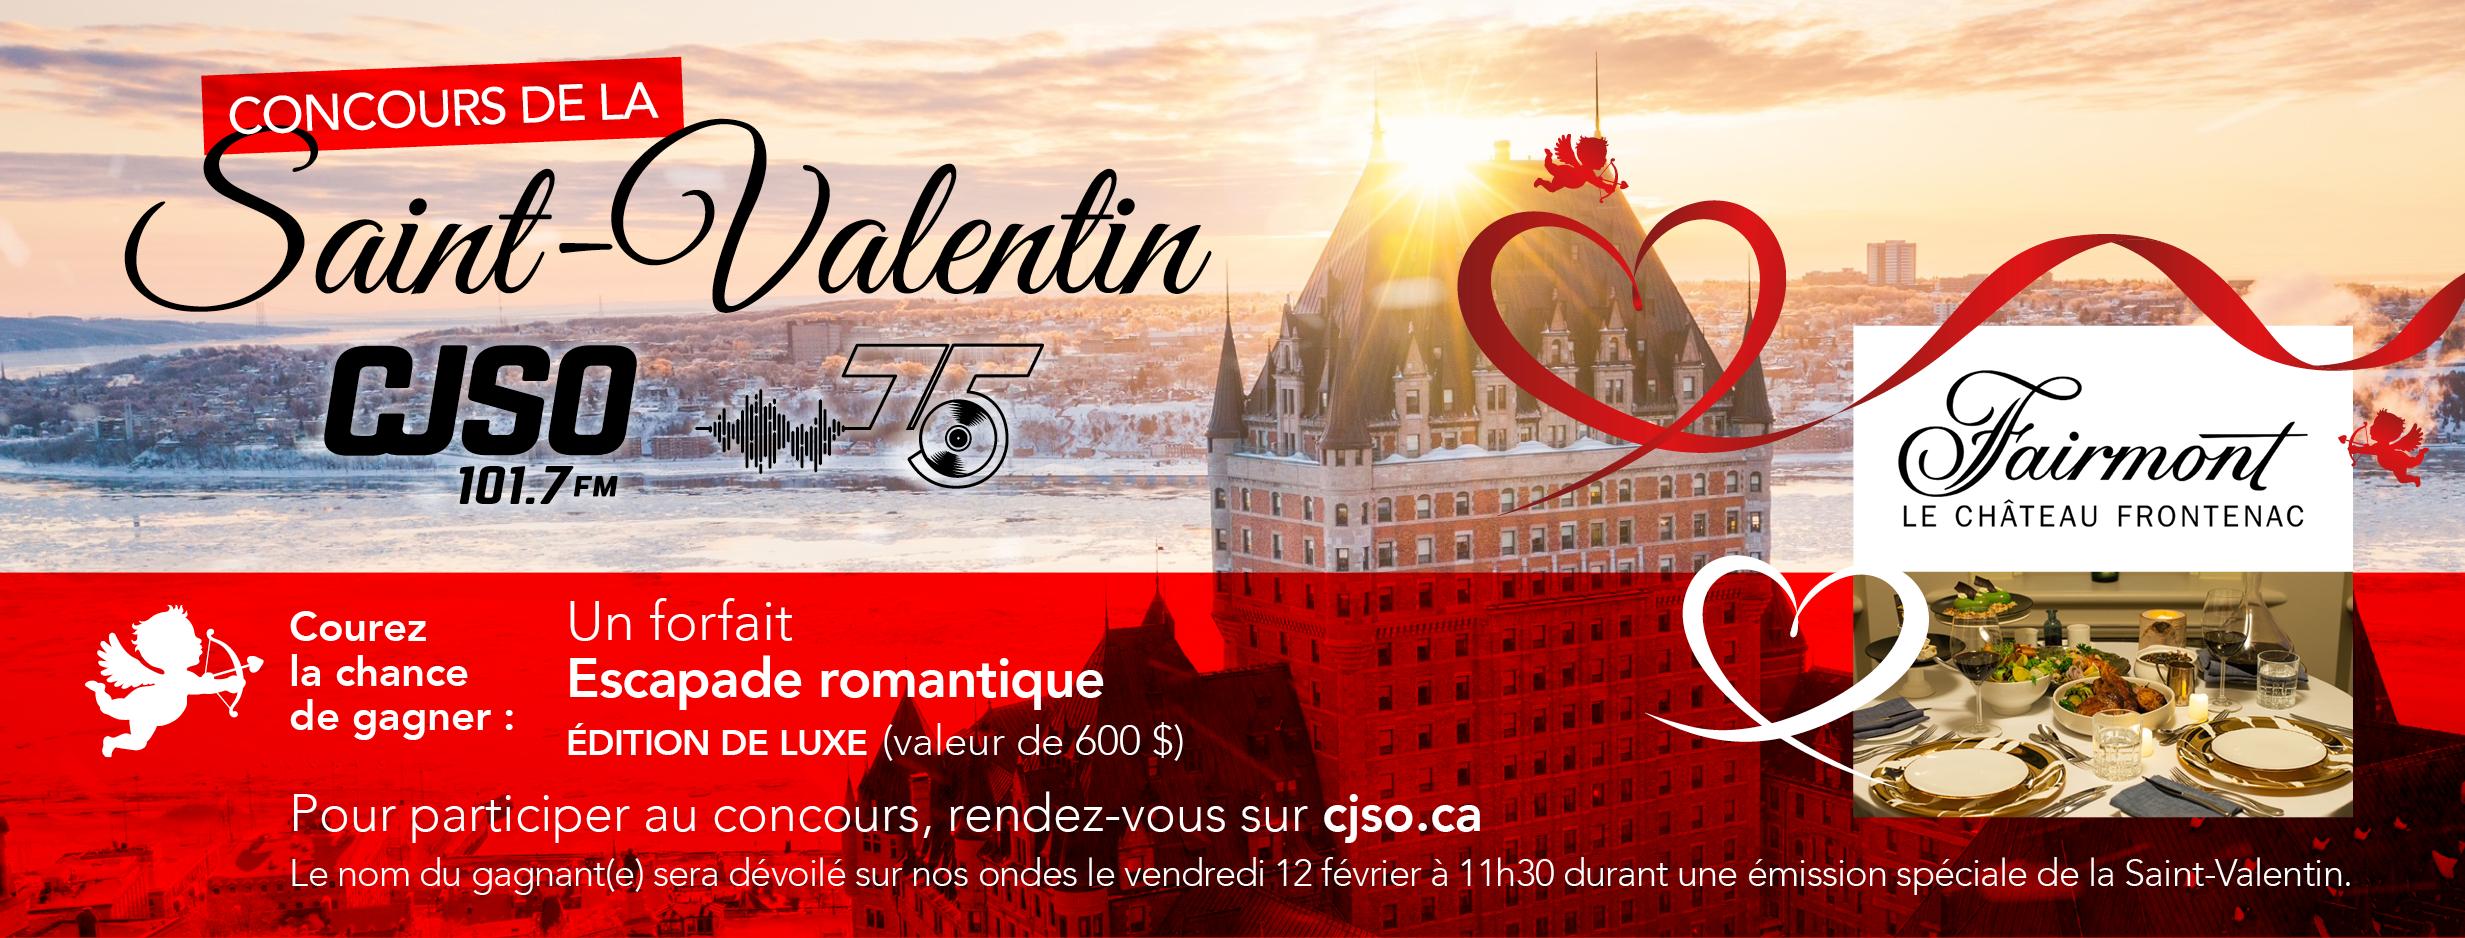 21016887-entete-facebook-st-valentin_v5